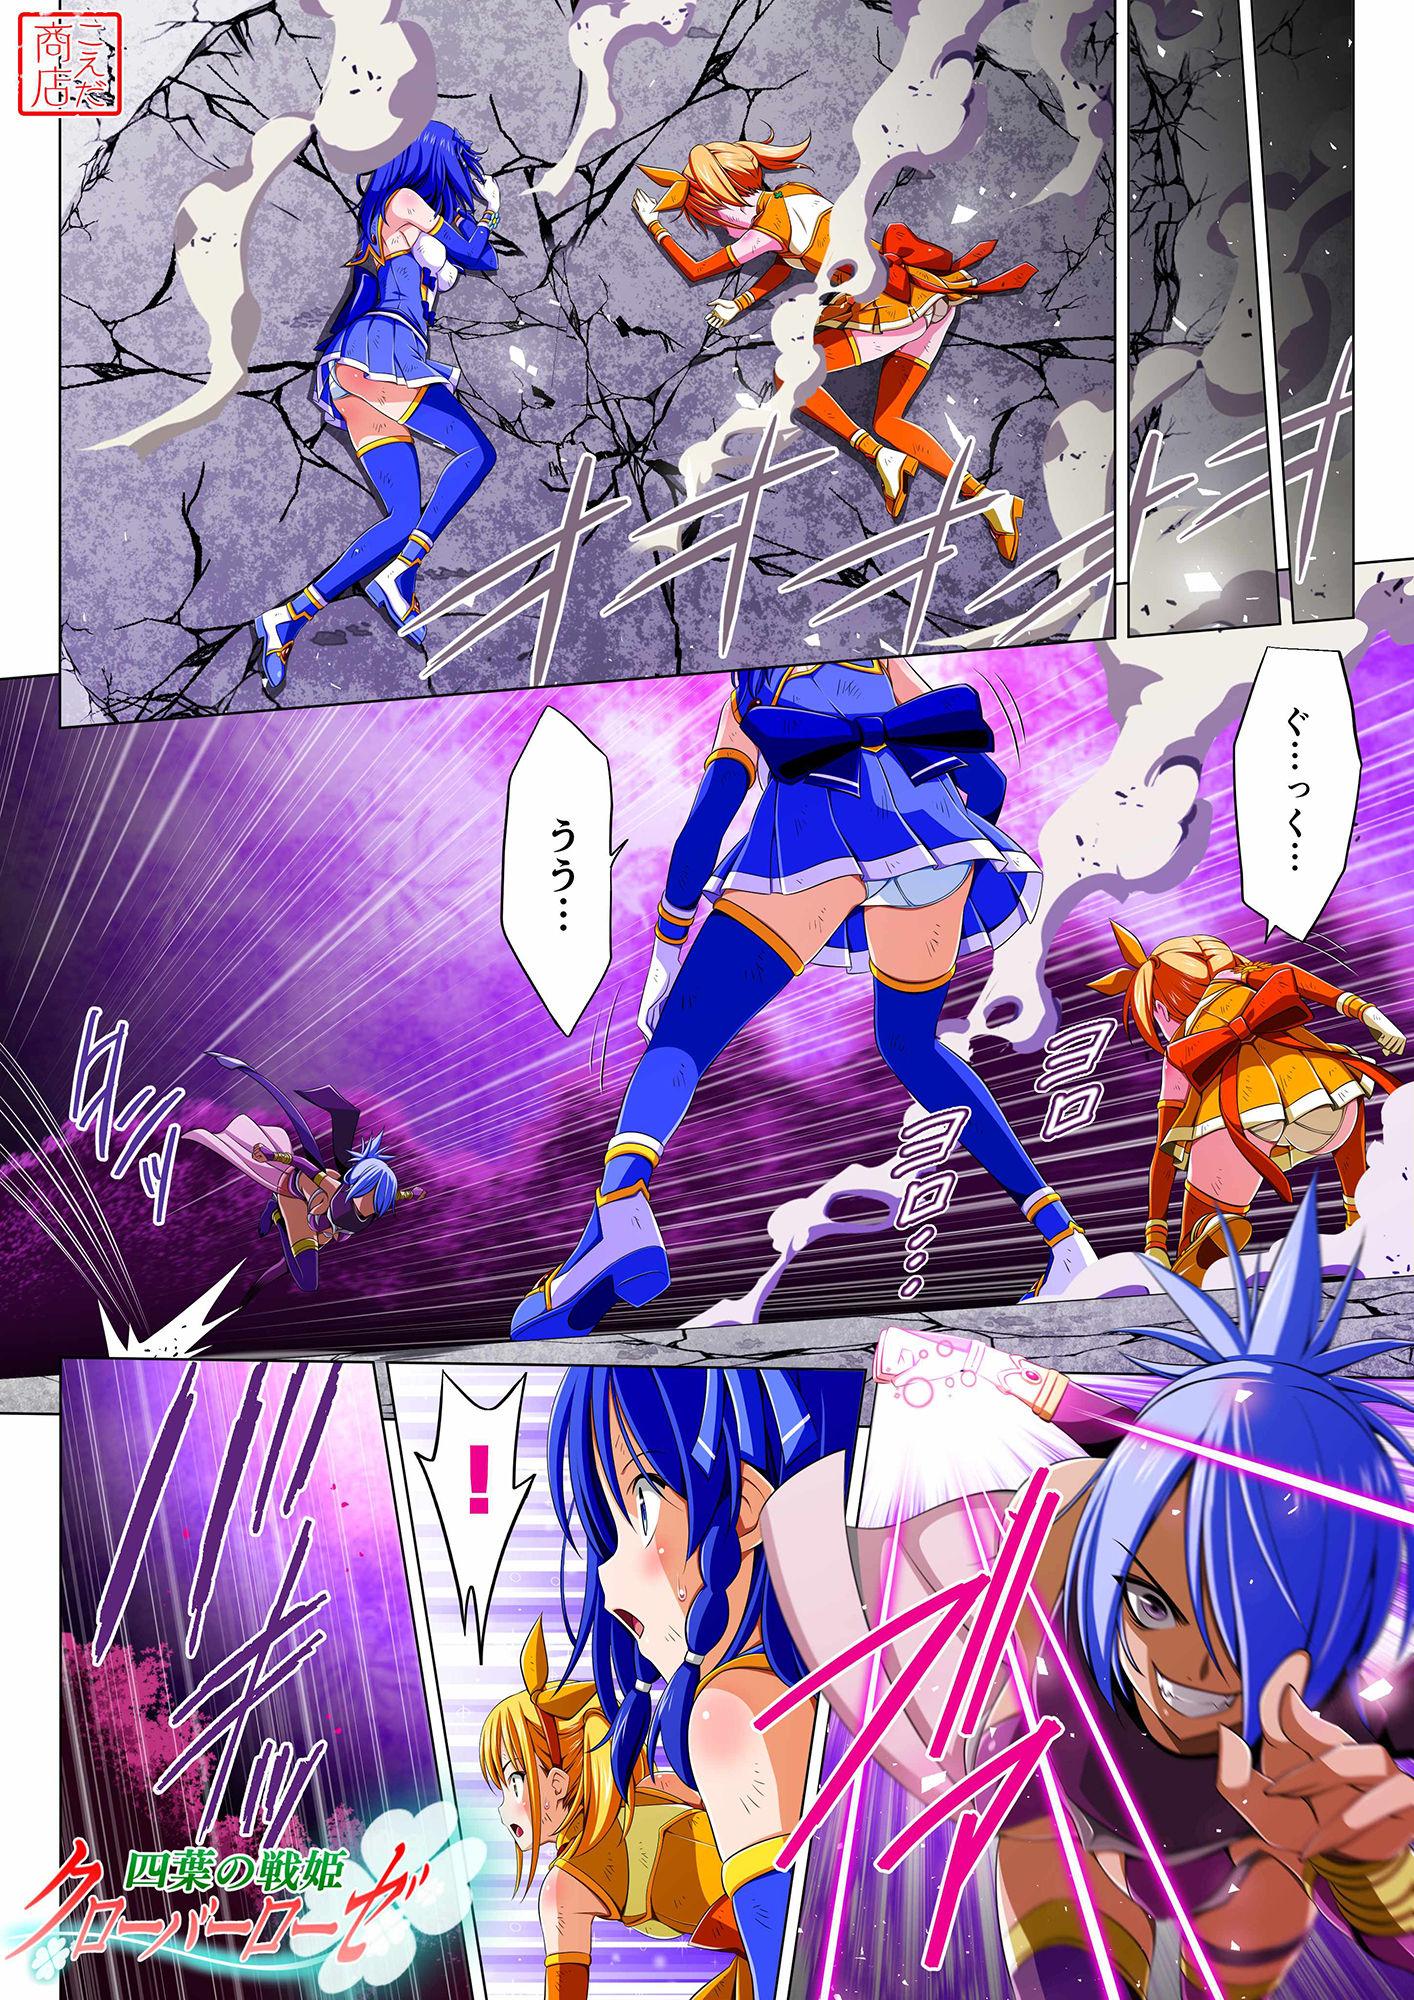 四葉の戦姫クローバーローゼ第三話1